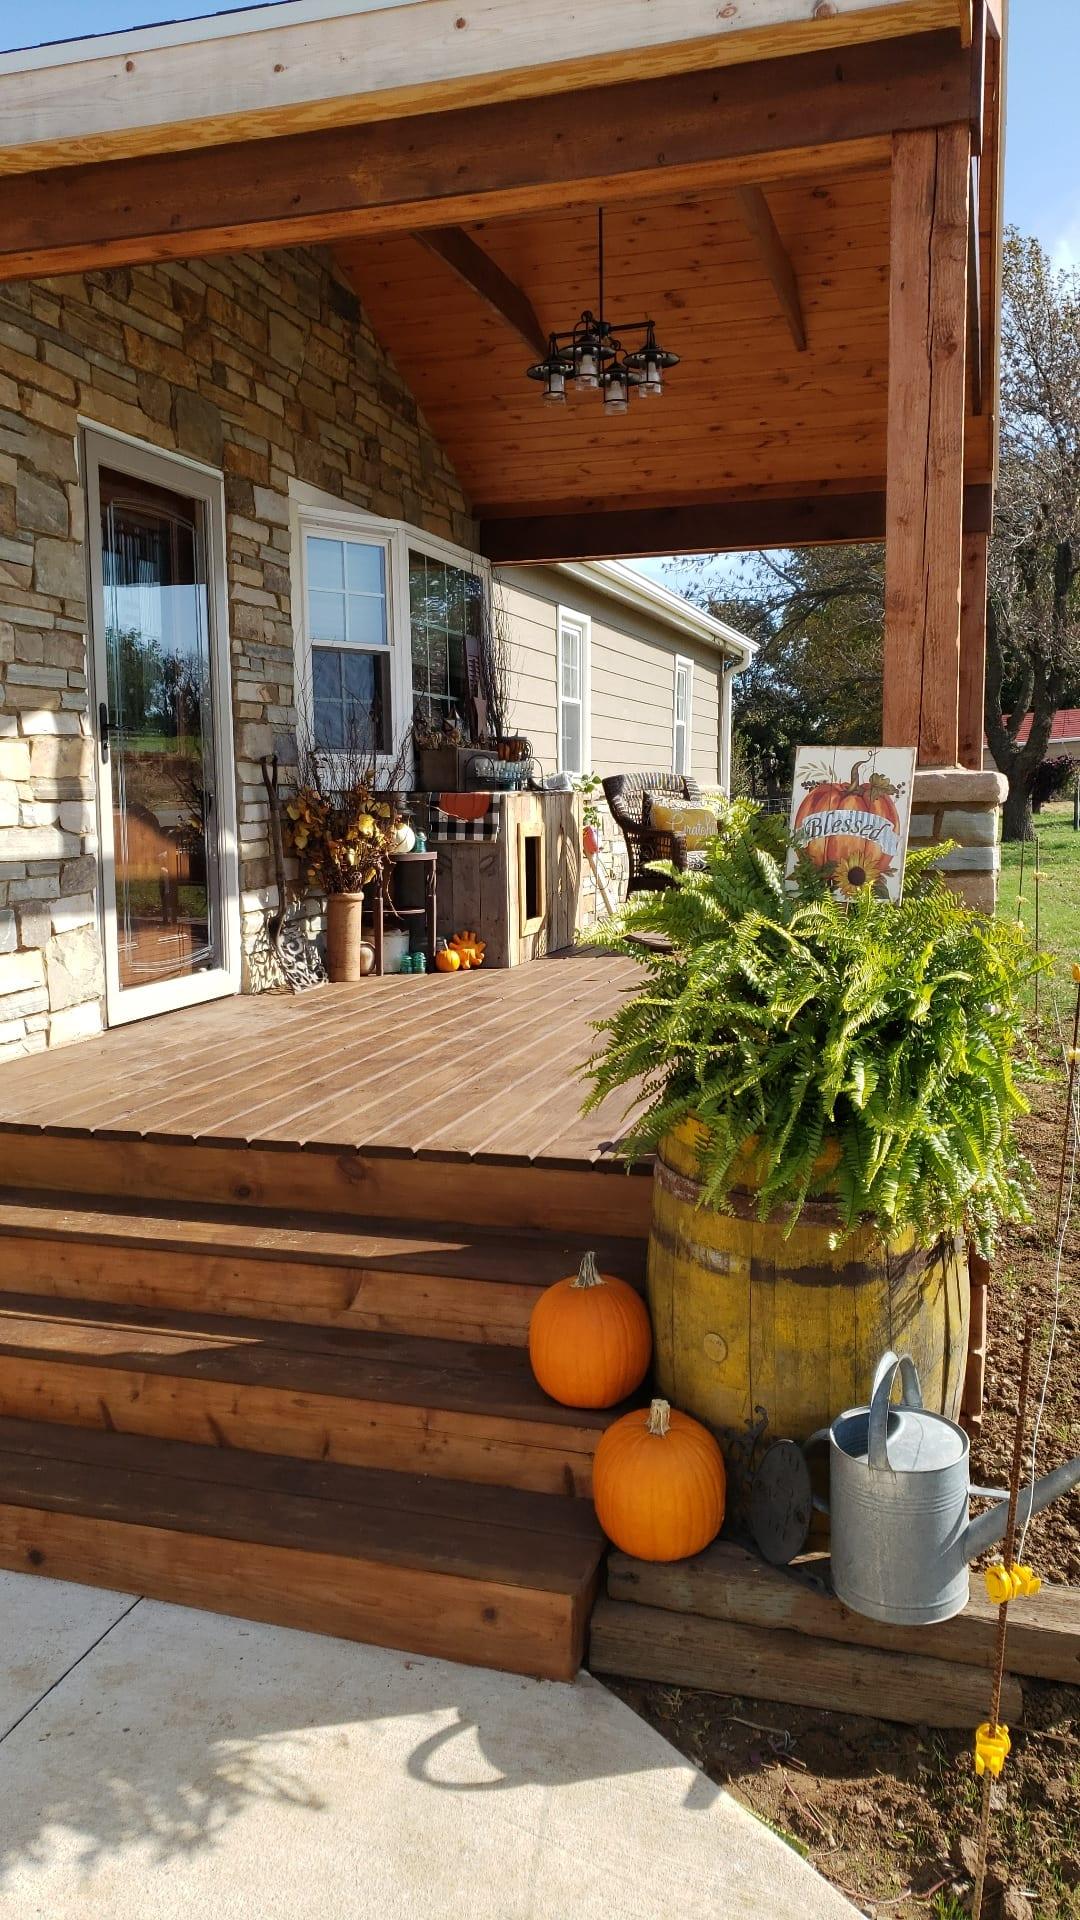 Savannah Real Thin Stone Veneer Front Porch